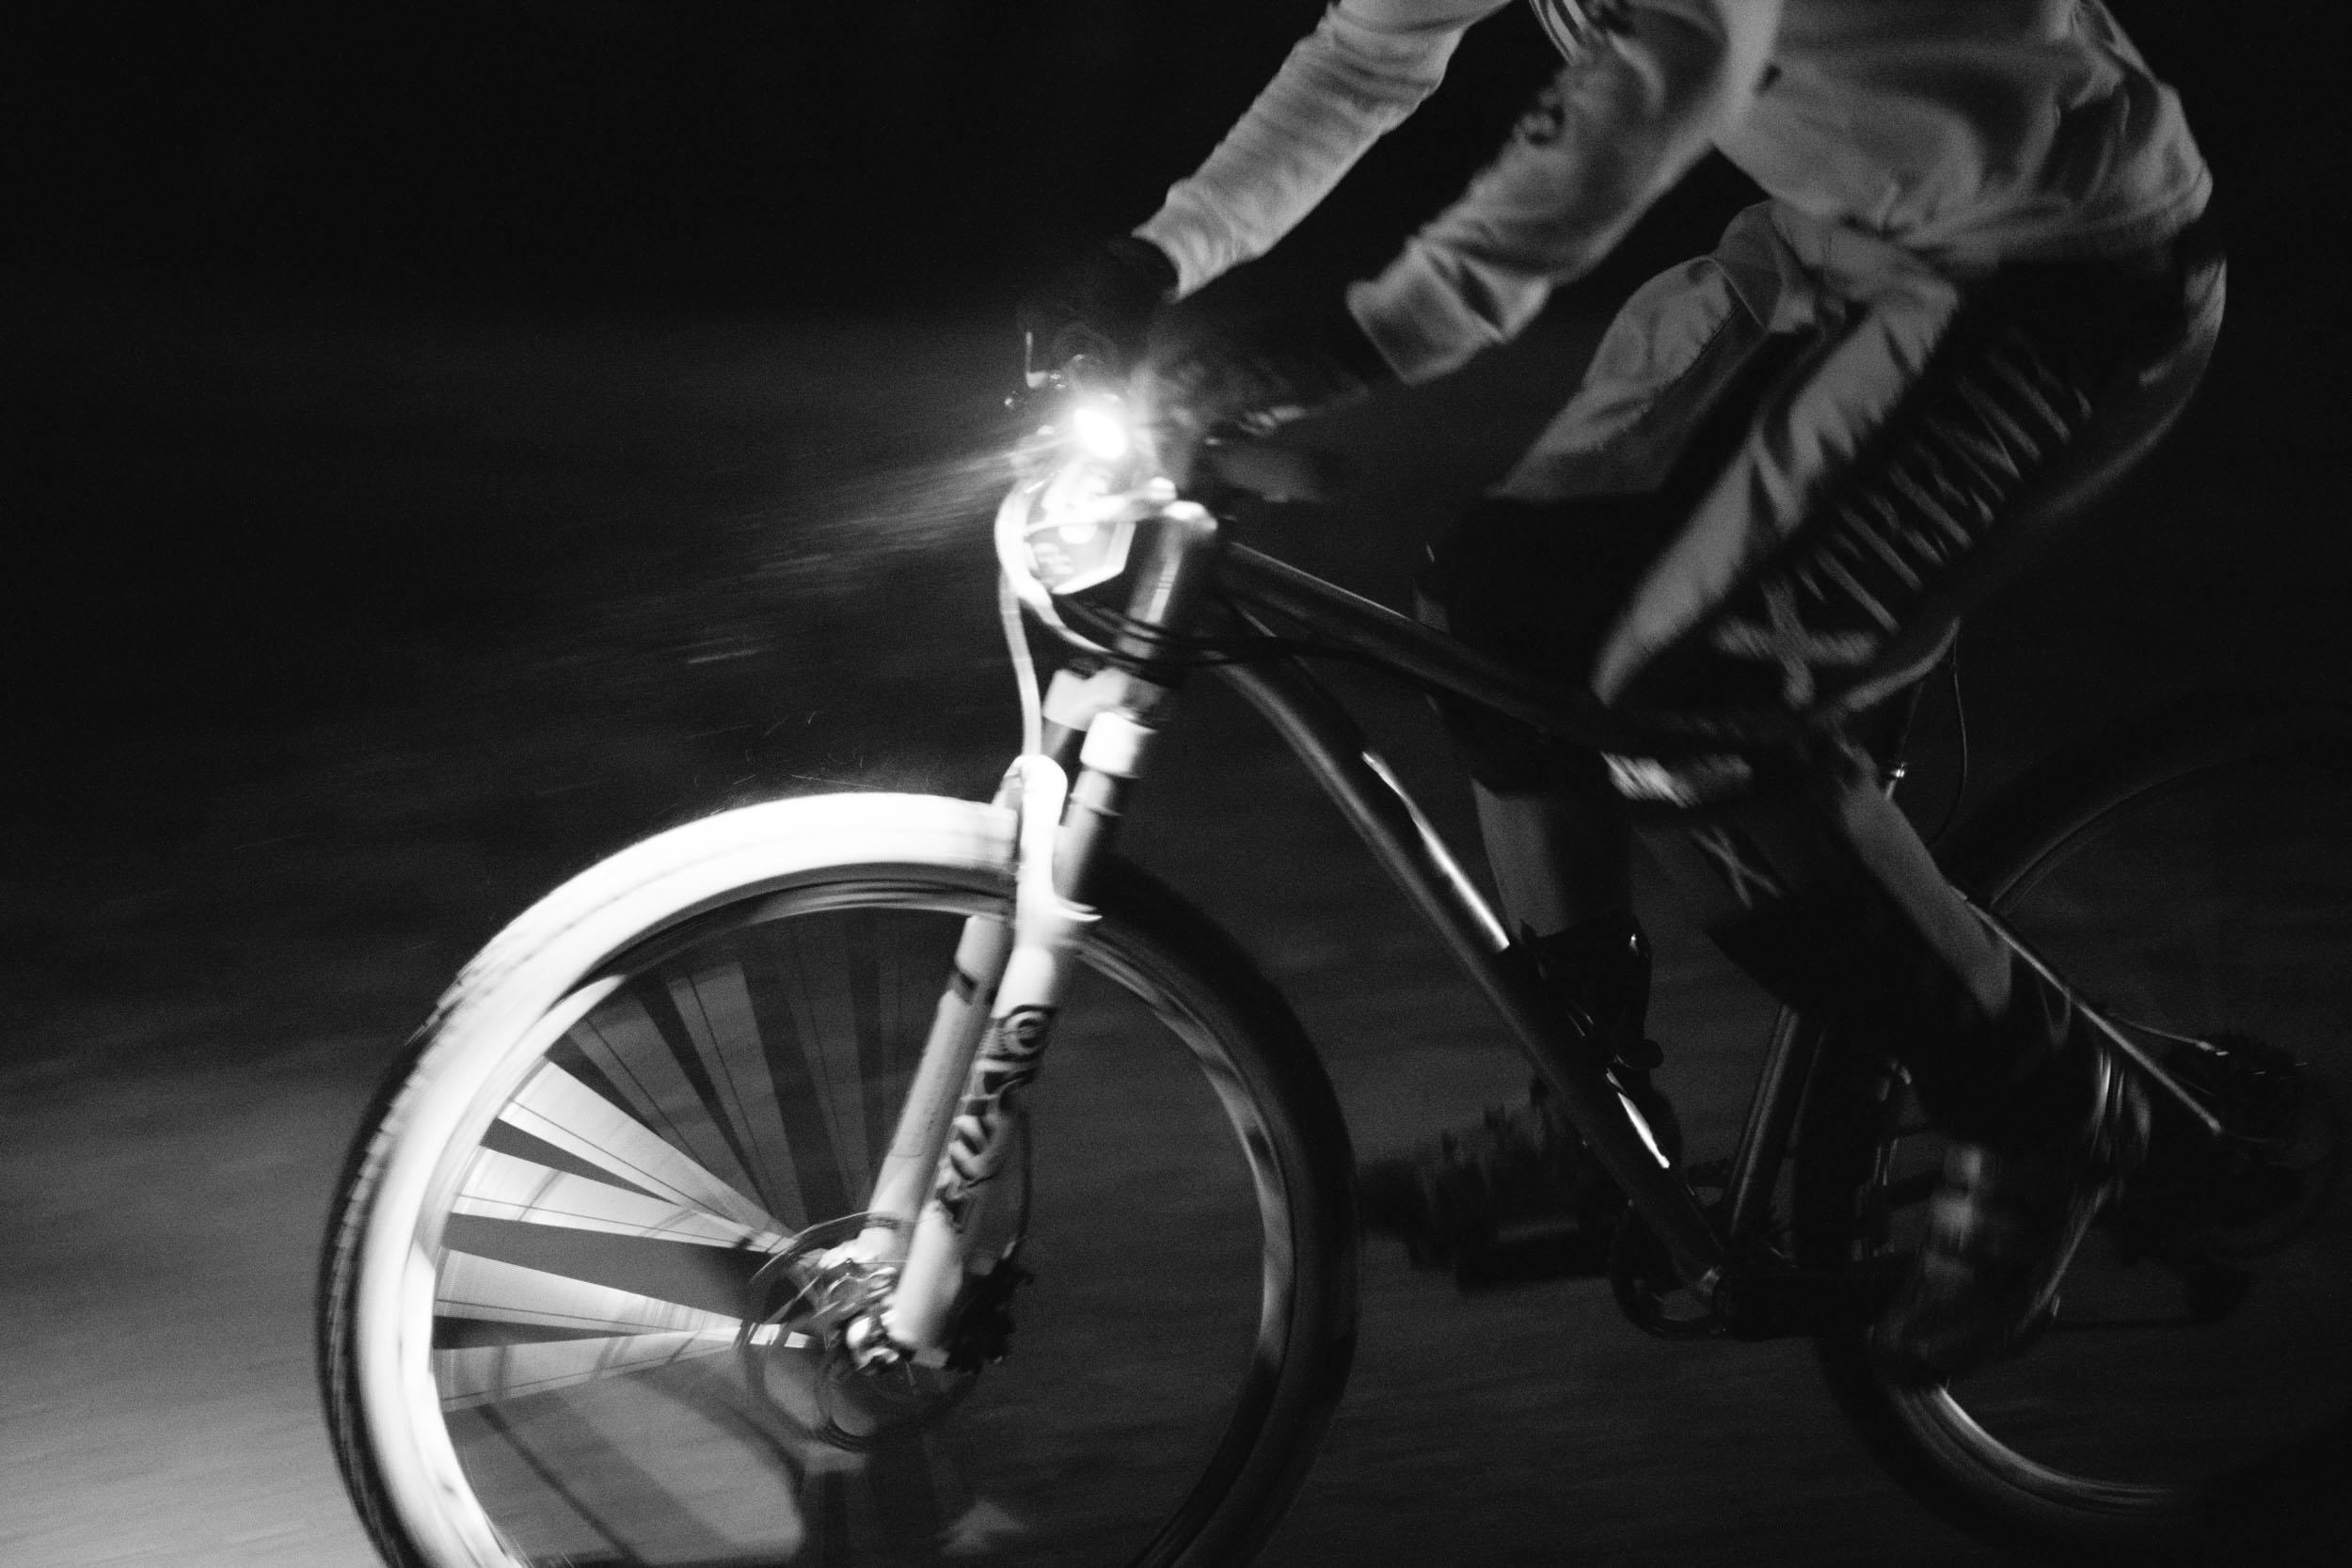 COBRA_Racing_Gateway_Miguel_BW_12.jpg